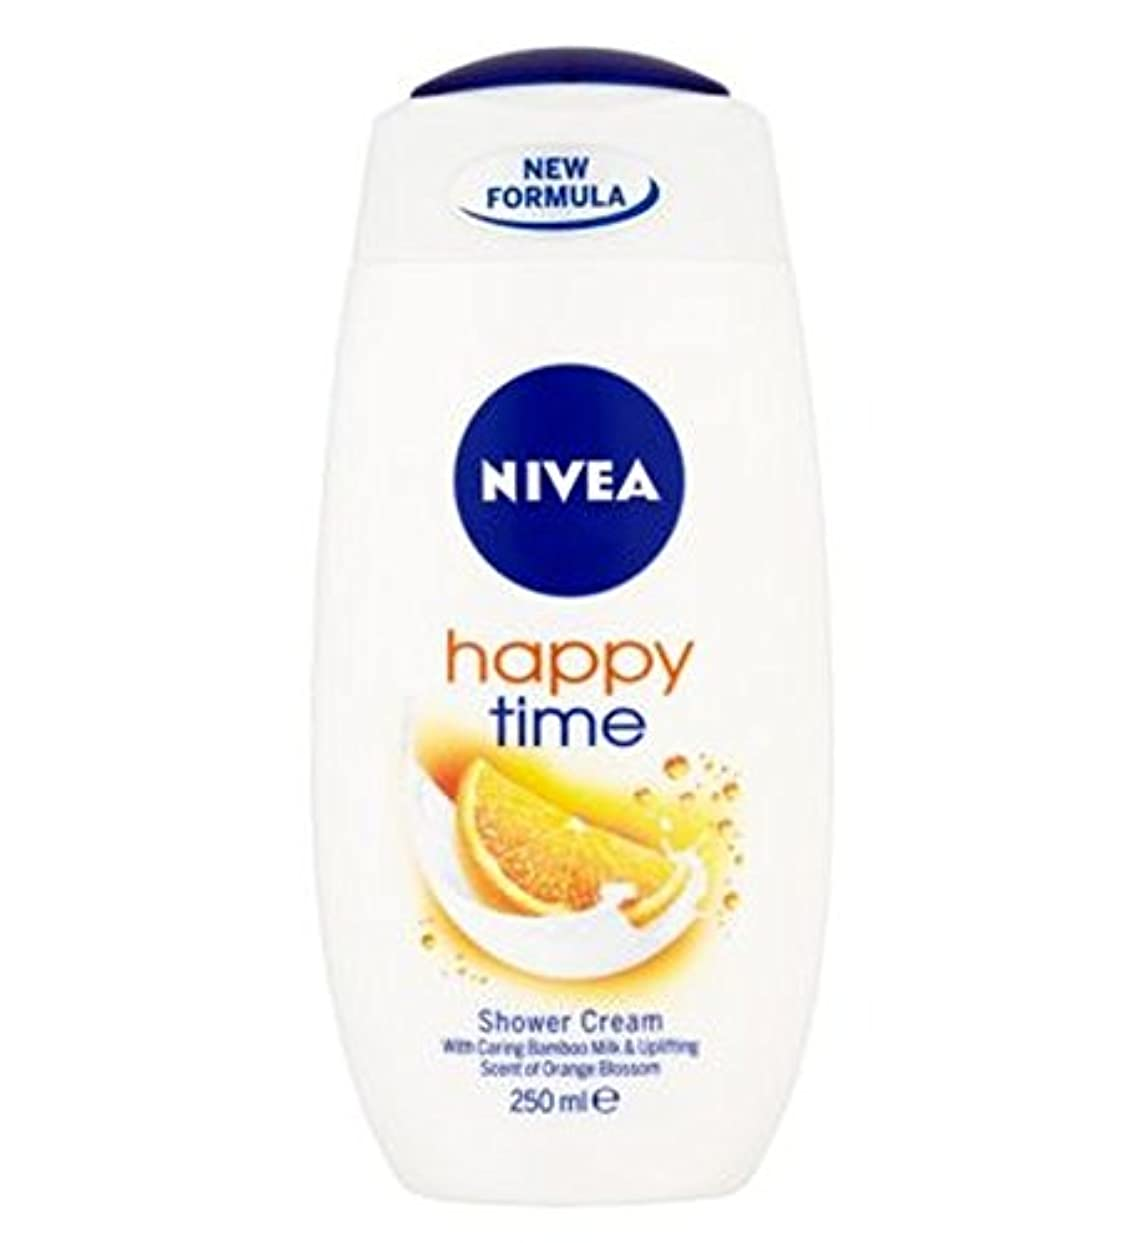 喪フィード周波数ニベア幸せな時間シャワークリーム250ミリリットル (Nivea) (x2) - NIVEA Happy Time Shower Cream 250ml (Pack of 2) [並行輸入品]